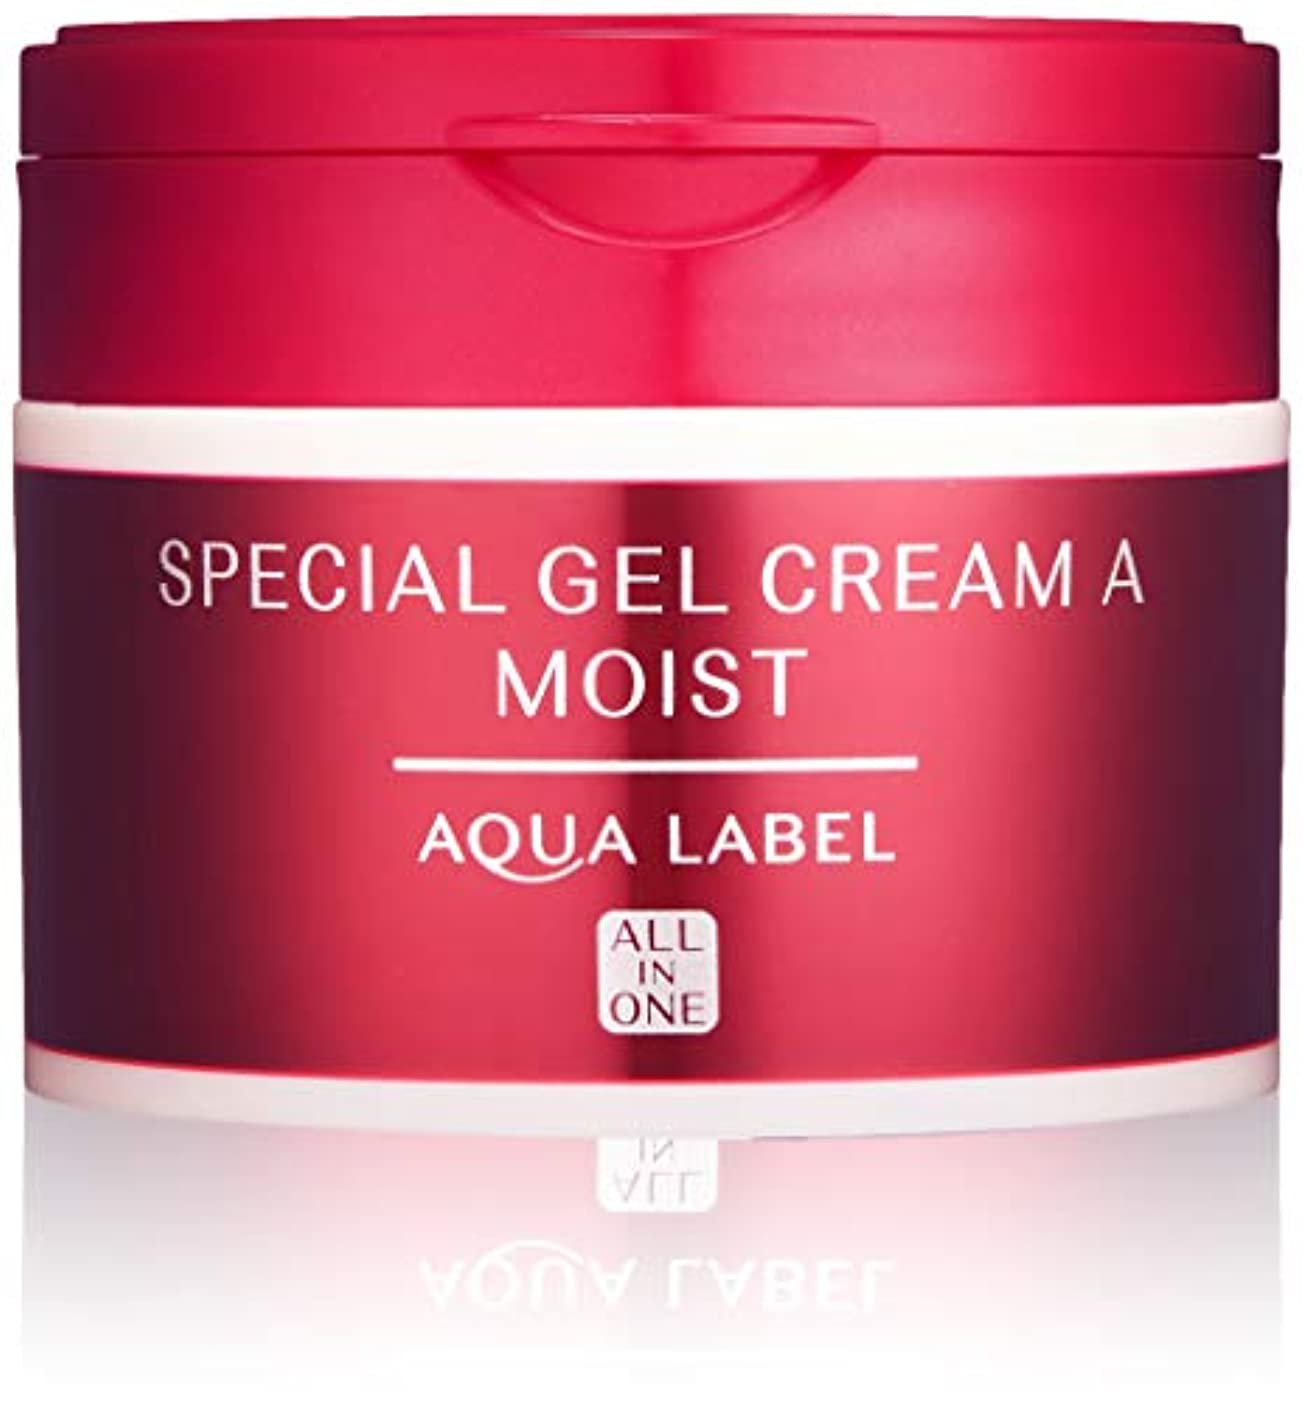 アプローチトライアスロンずるいAQUALABEL(アクアレーベル) アクアレーベル スペシャルジェルクリームA (モイスト) ハーバルローズの優しい香り 単品 90g